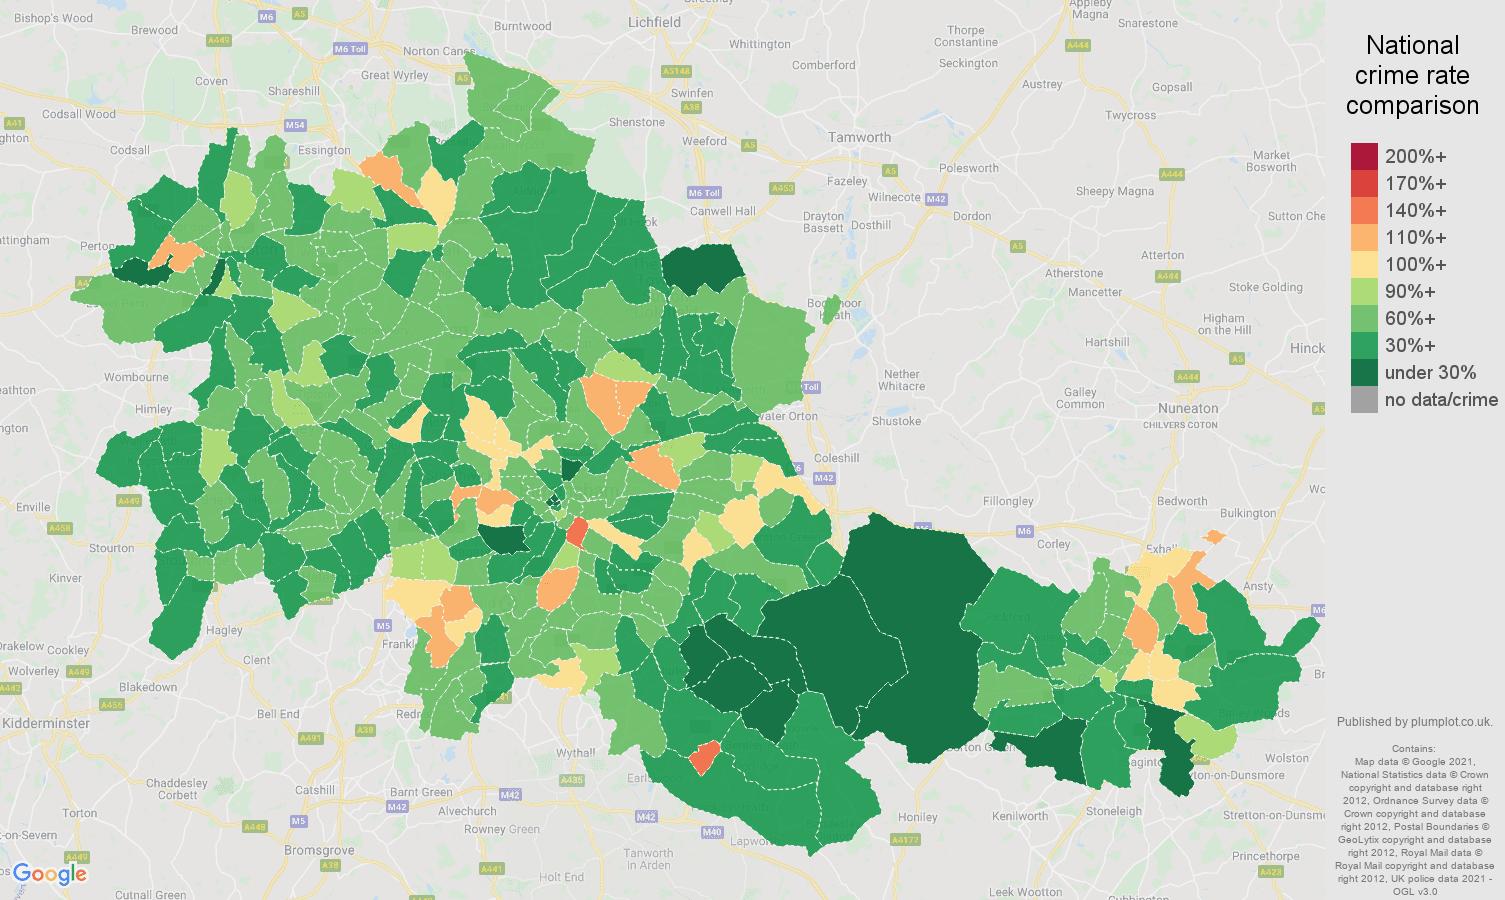 West Midlands county antisocial behaviour crime rate comparison map